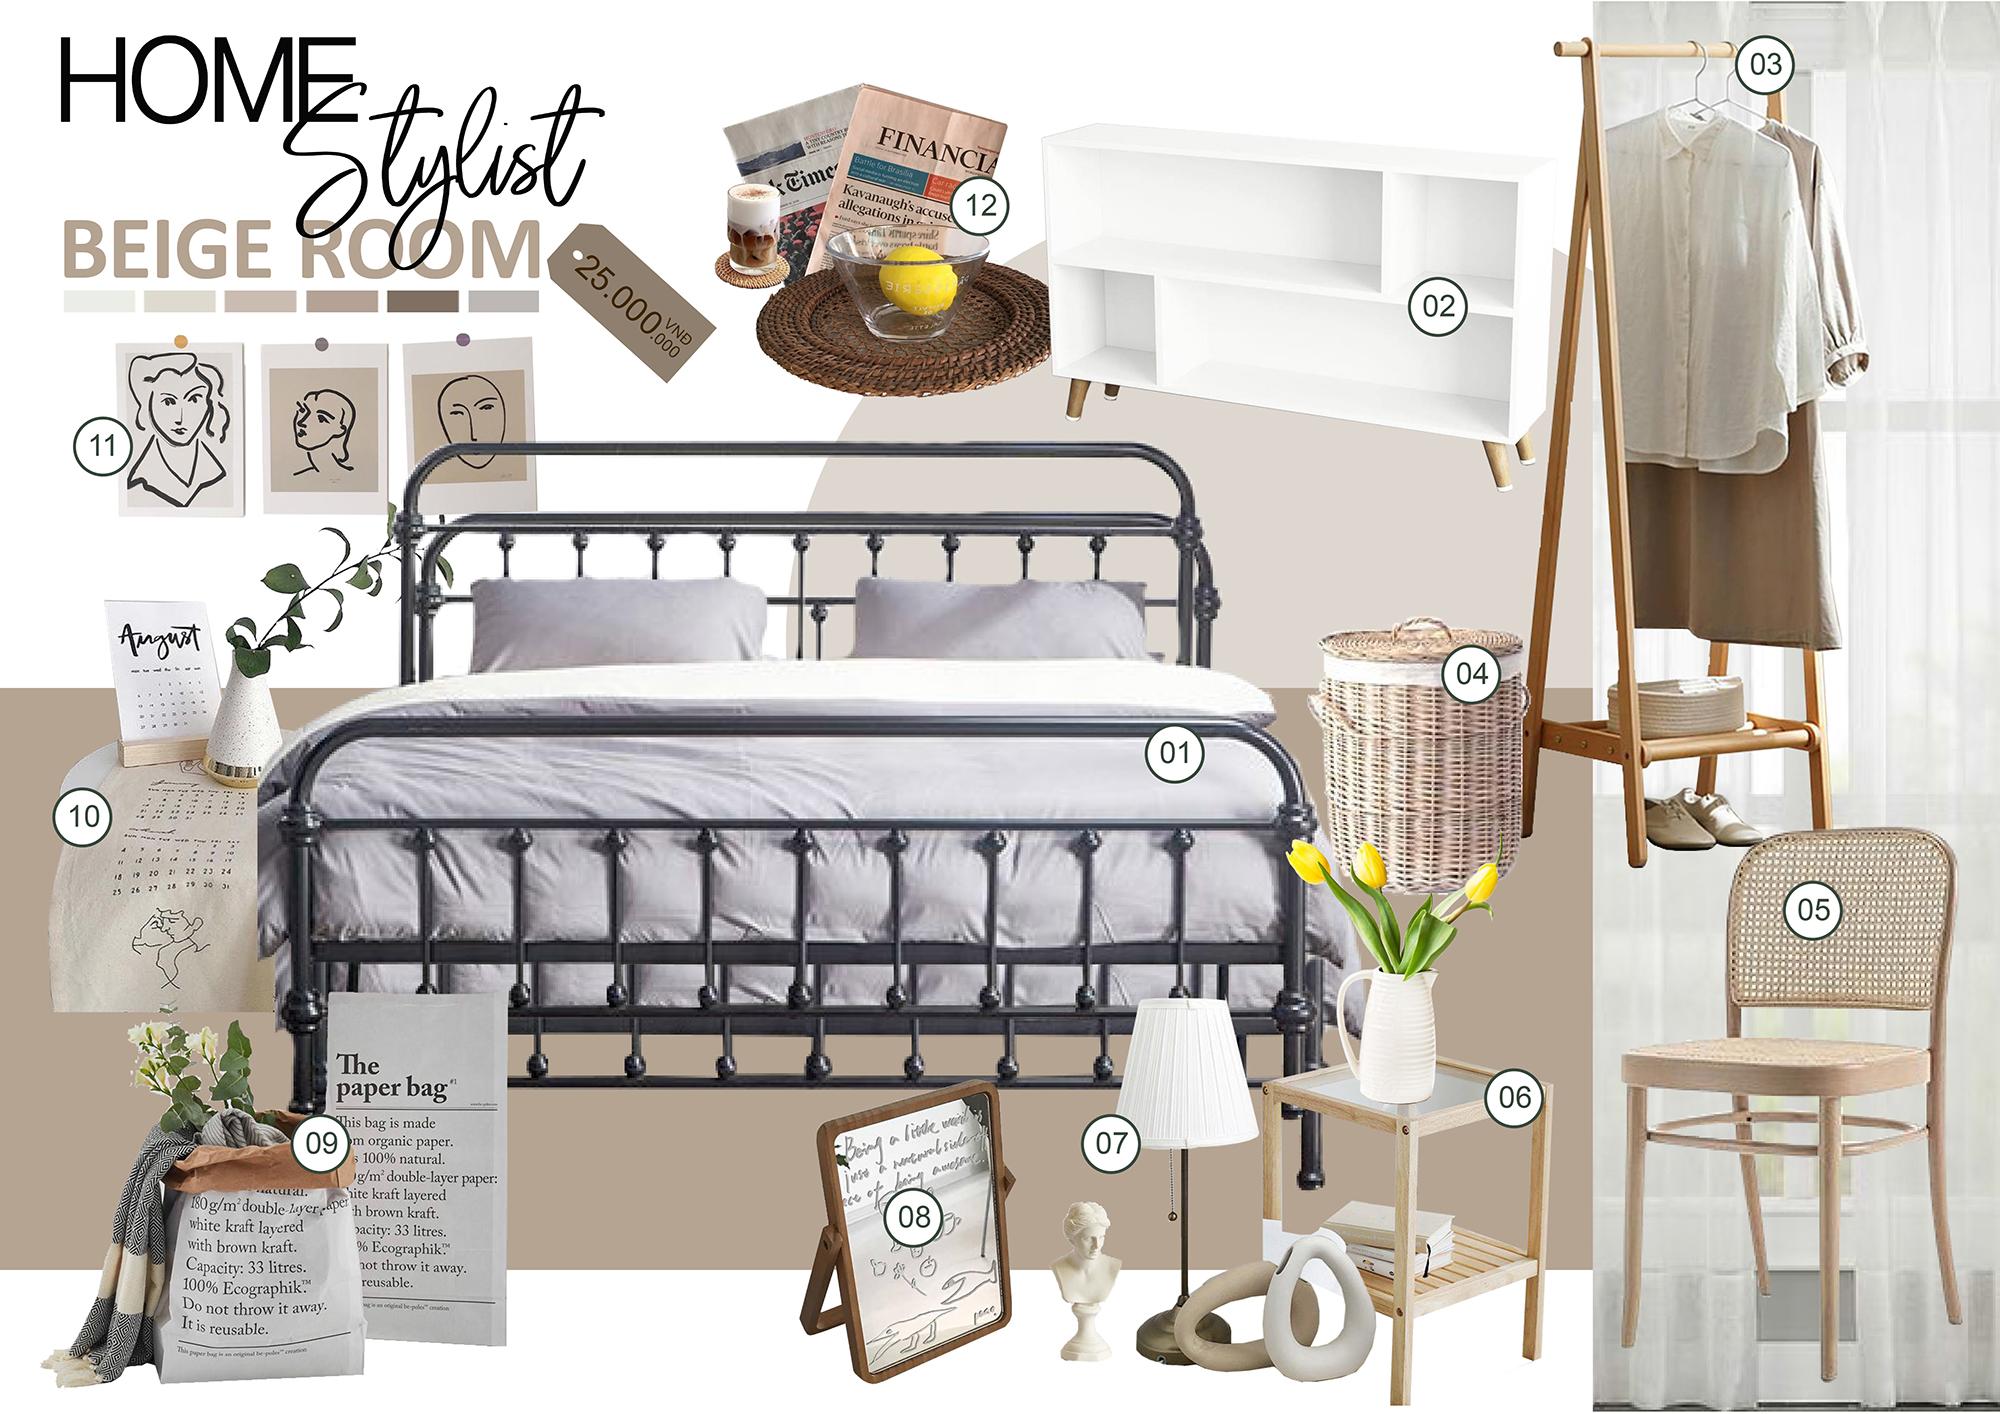 Concept Beige Room - Concept tiện nghi cho phòng ngủ thêm ấm cúng. Chi phí phù hợp cho mọi căn hộ. Liên hệ ngay Stylist.